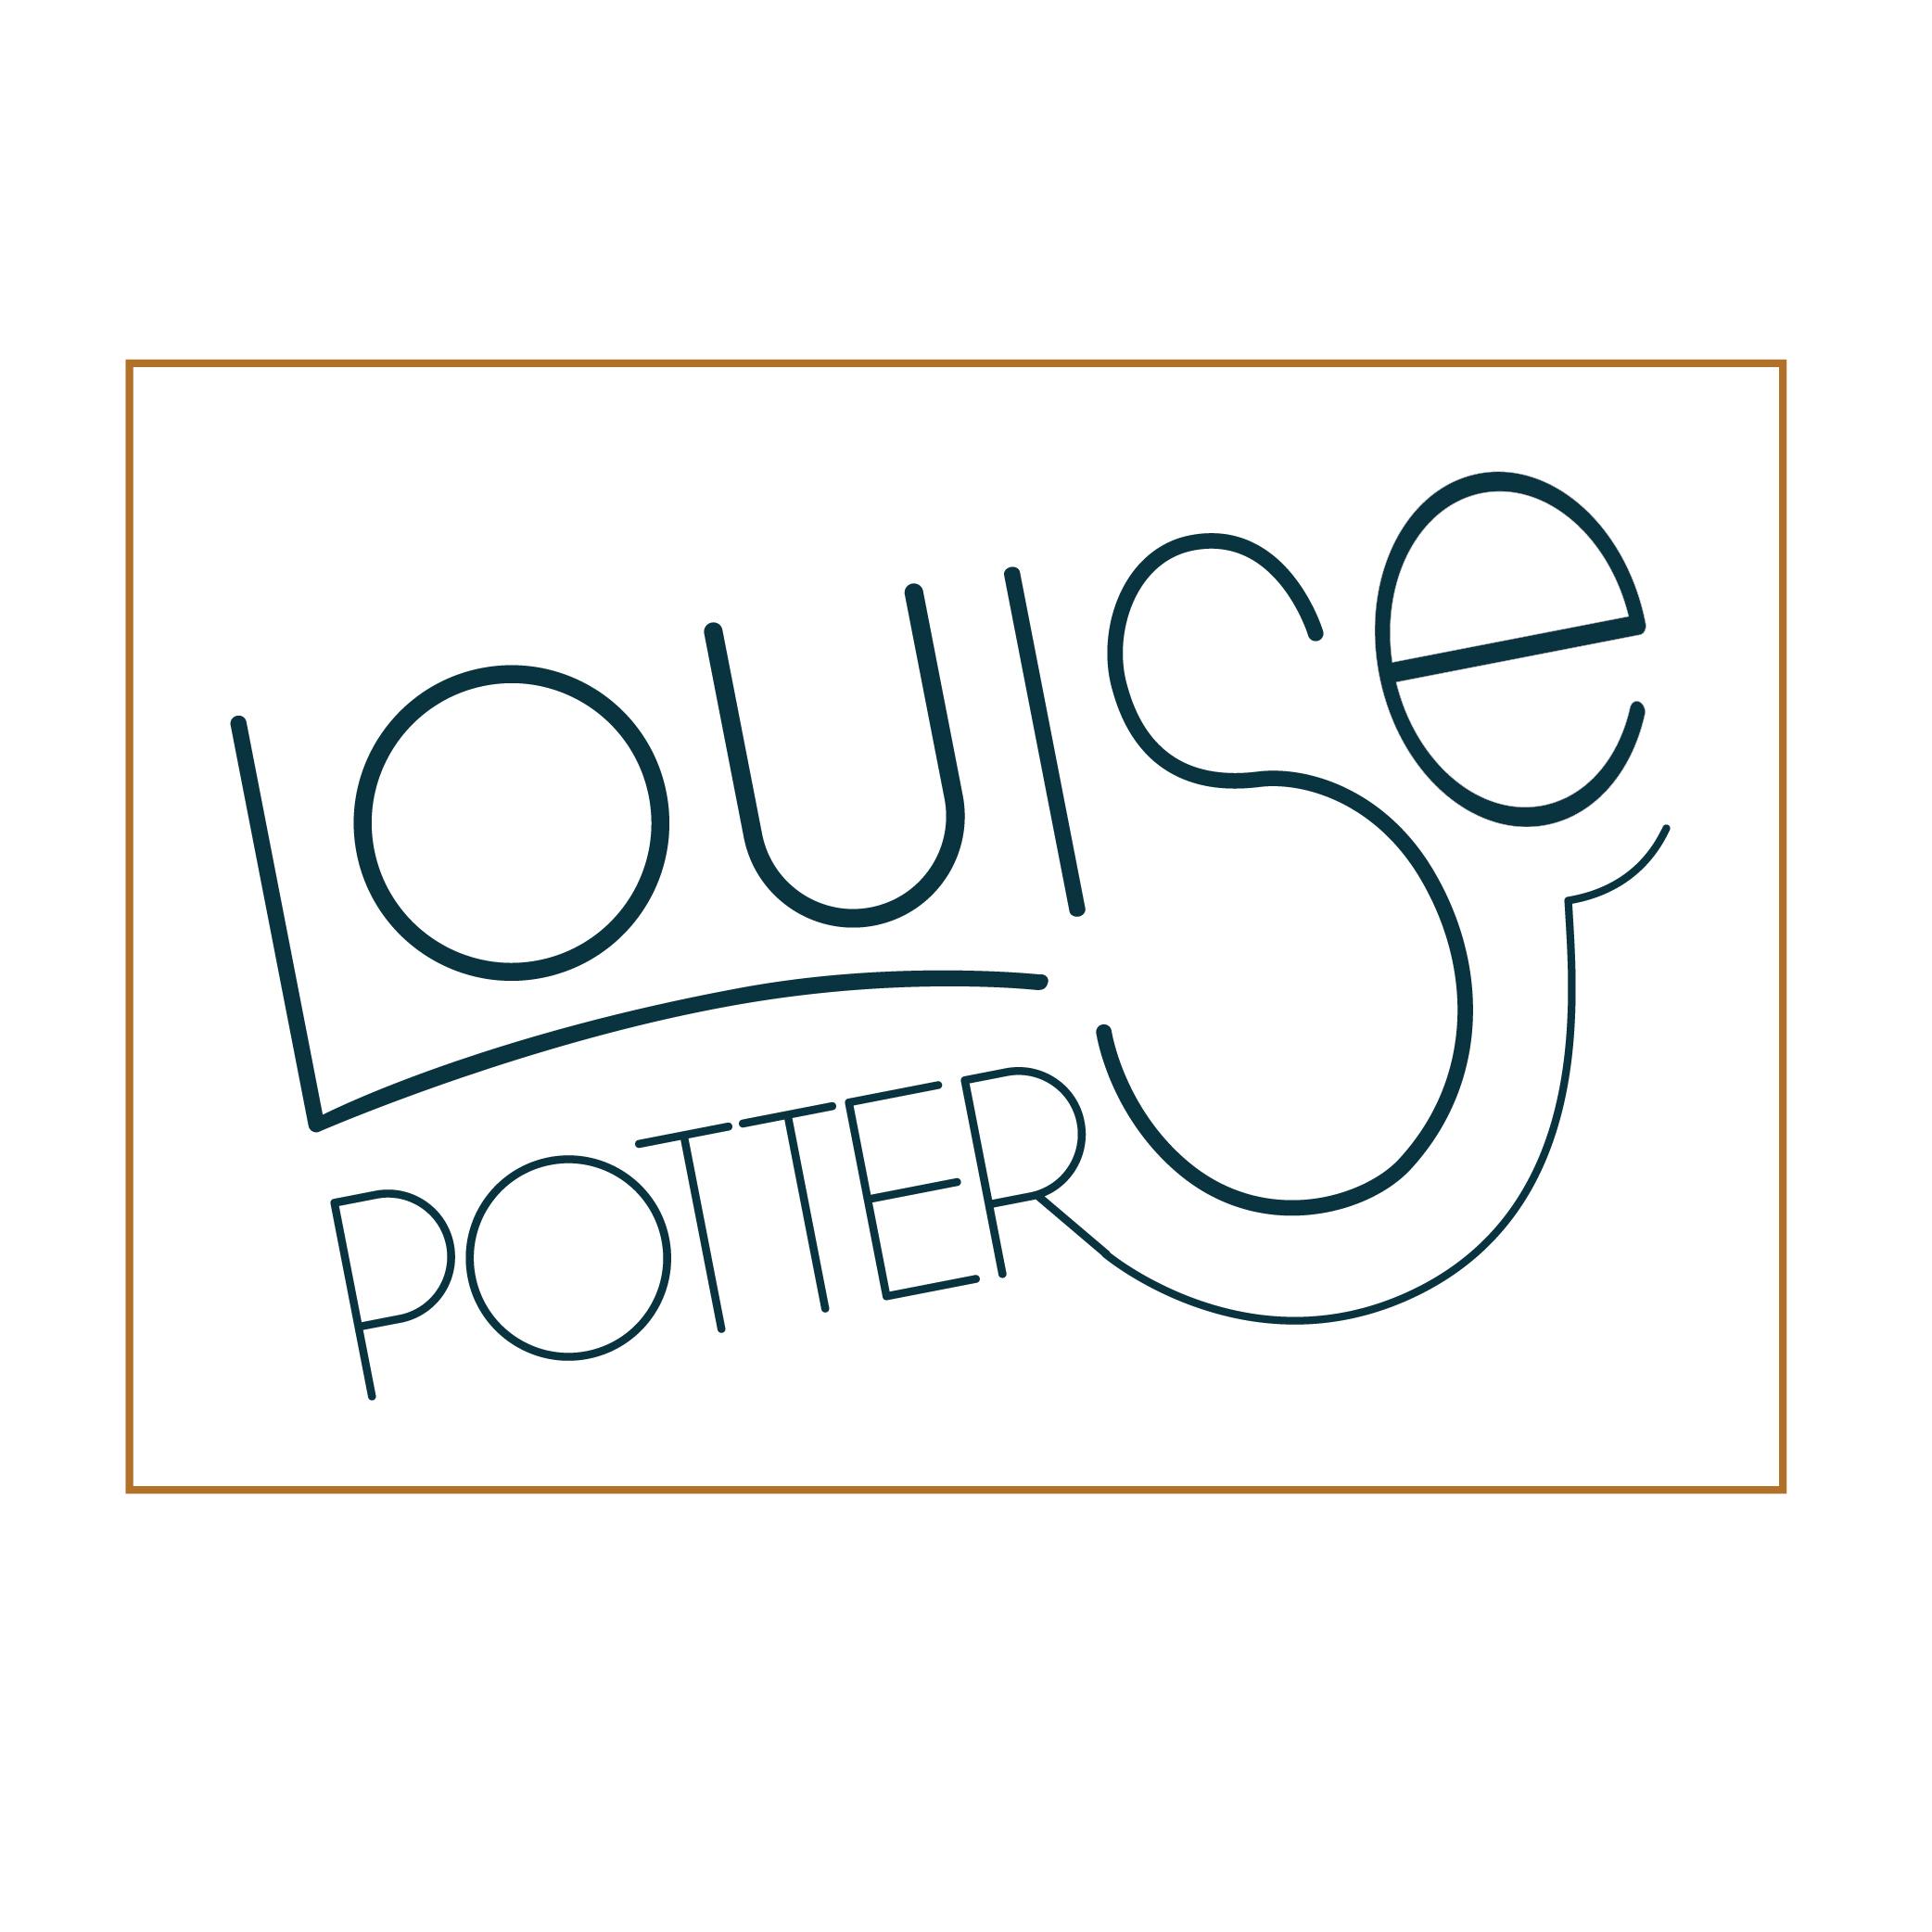 Louise Potter OBM